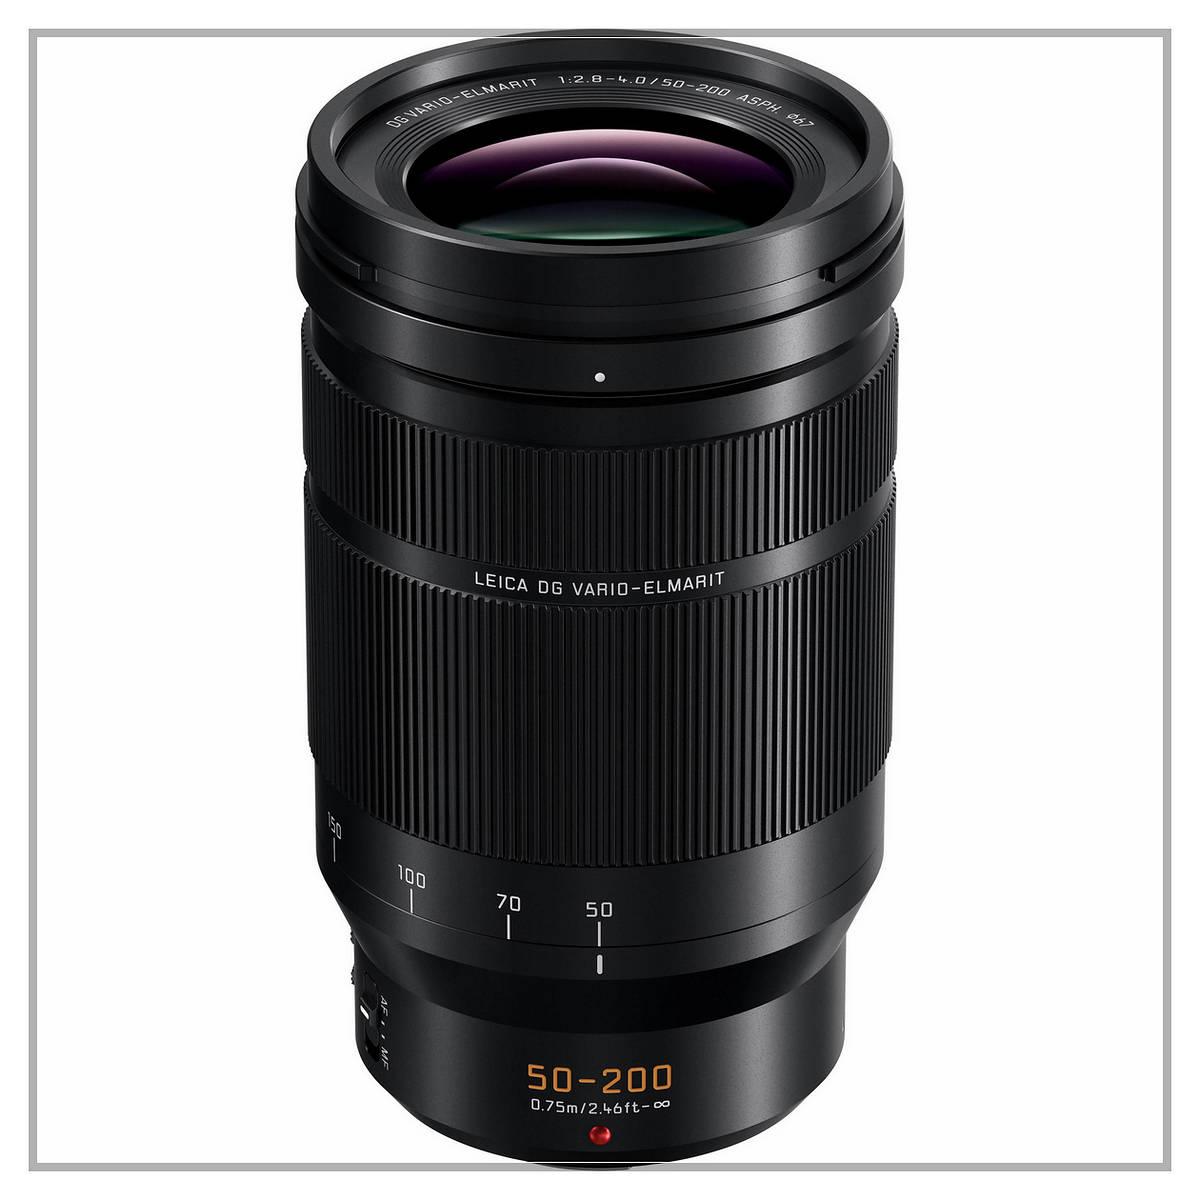 Panasonic Leica DG Vario-Elmarit Professional Lens 50-200 f2.8-4.0 ASPH